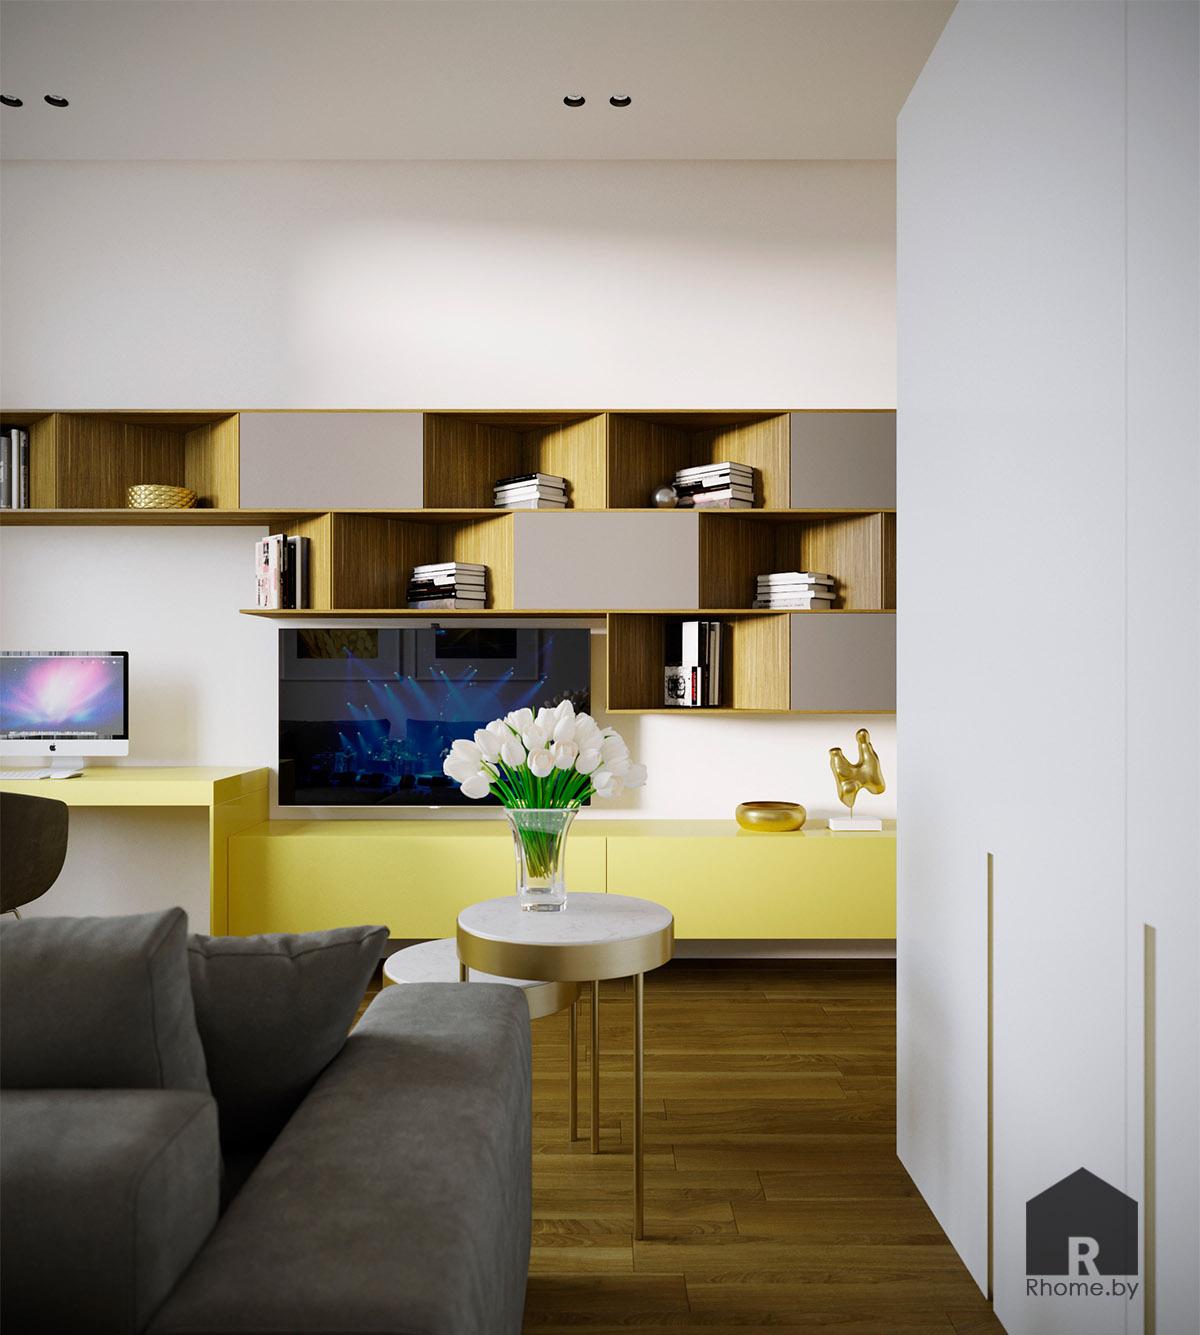 Дизайн интерьера гостевой комнаты в Березовой роще   Дизайн студия – Rhome.by